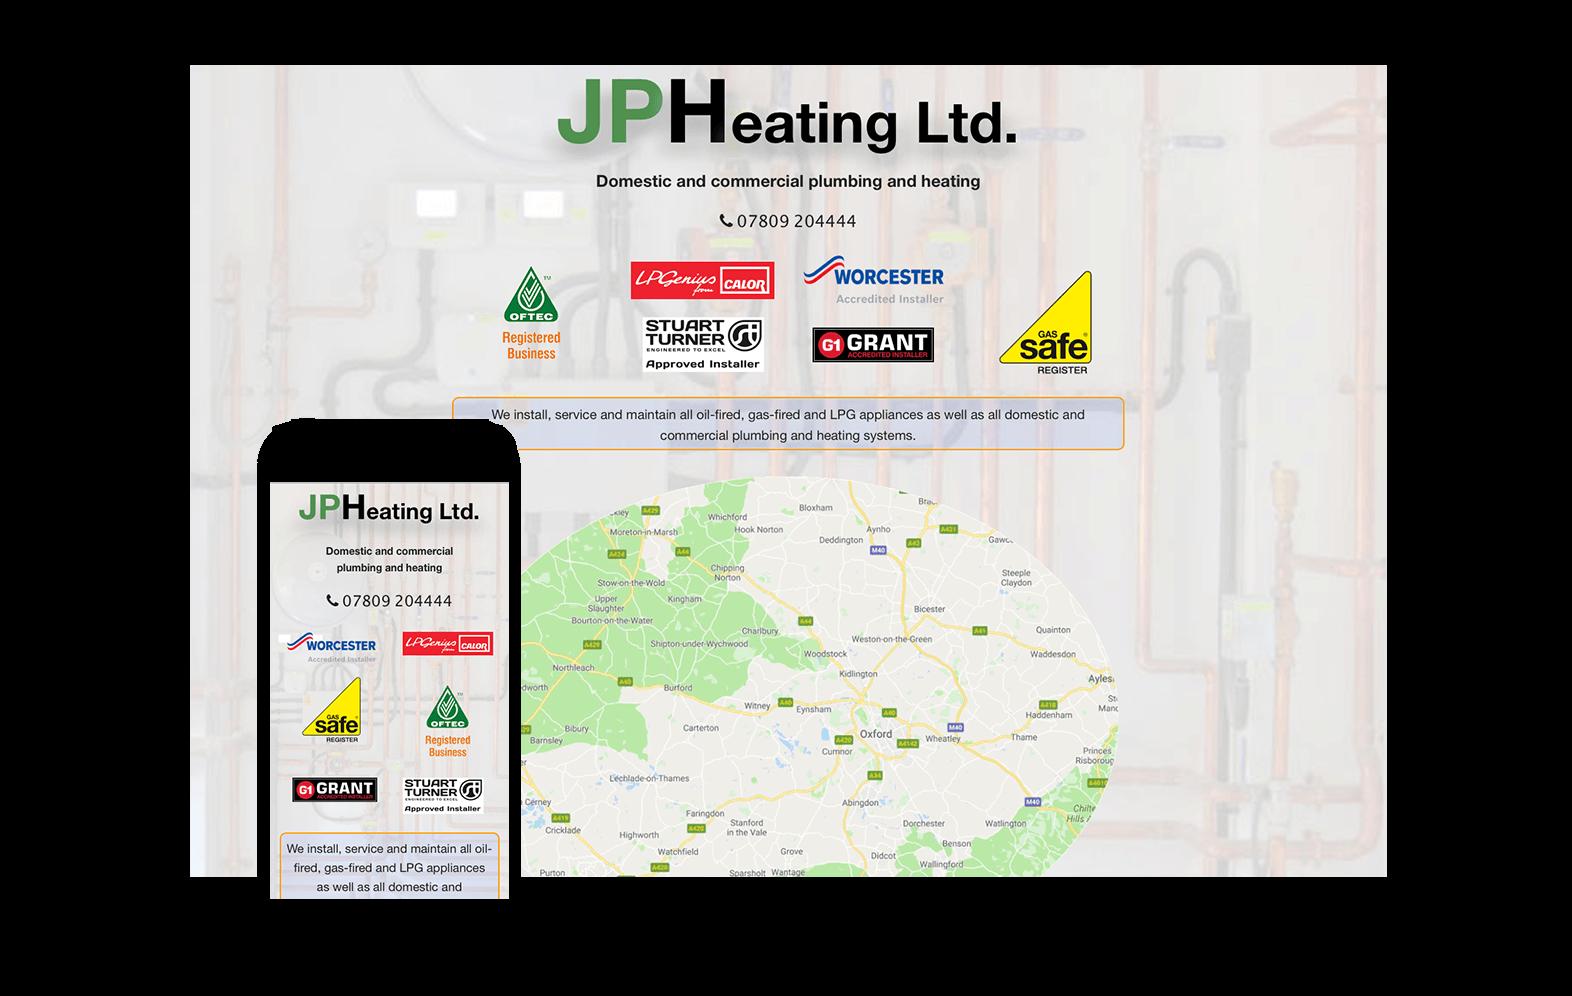 JP Heating website